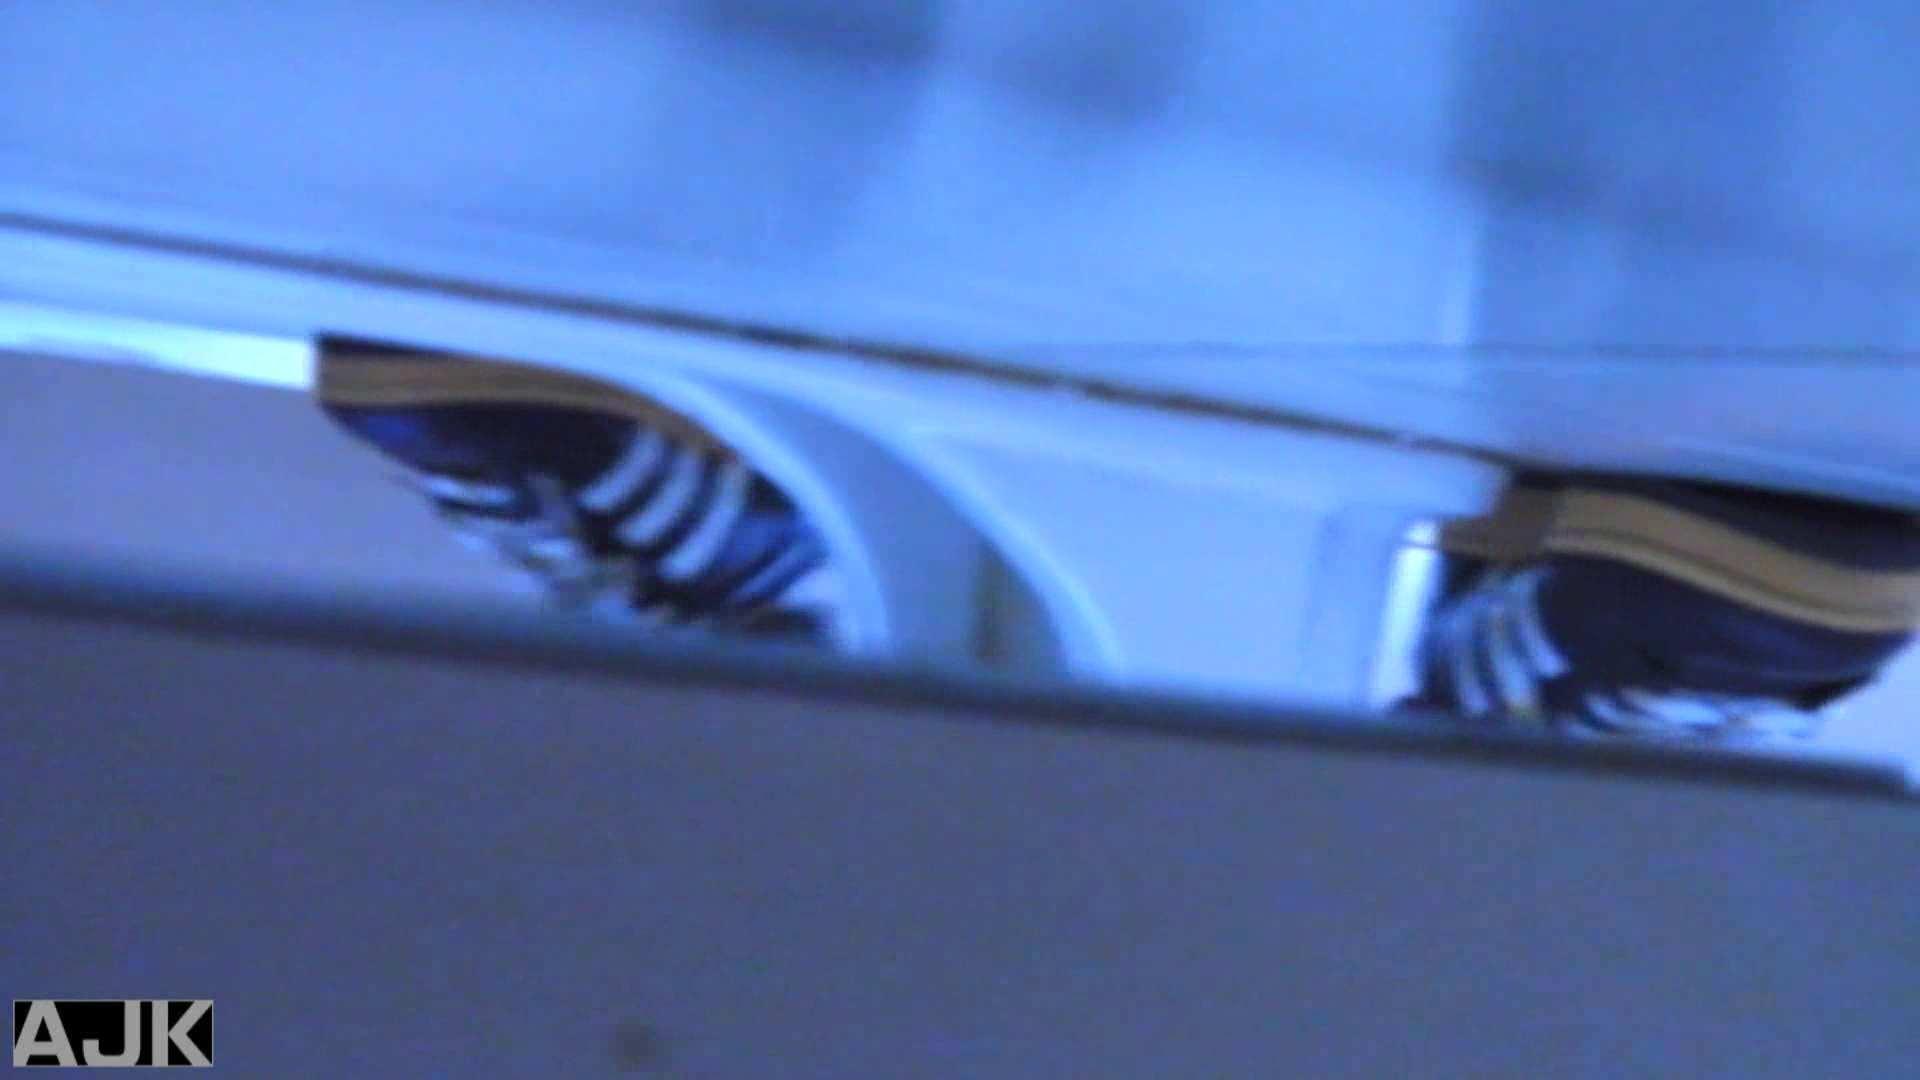 神降臨!史上最強の潜入かわや! vol.07 肛門丸見え AV動画キャプチャ 94pic 83